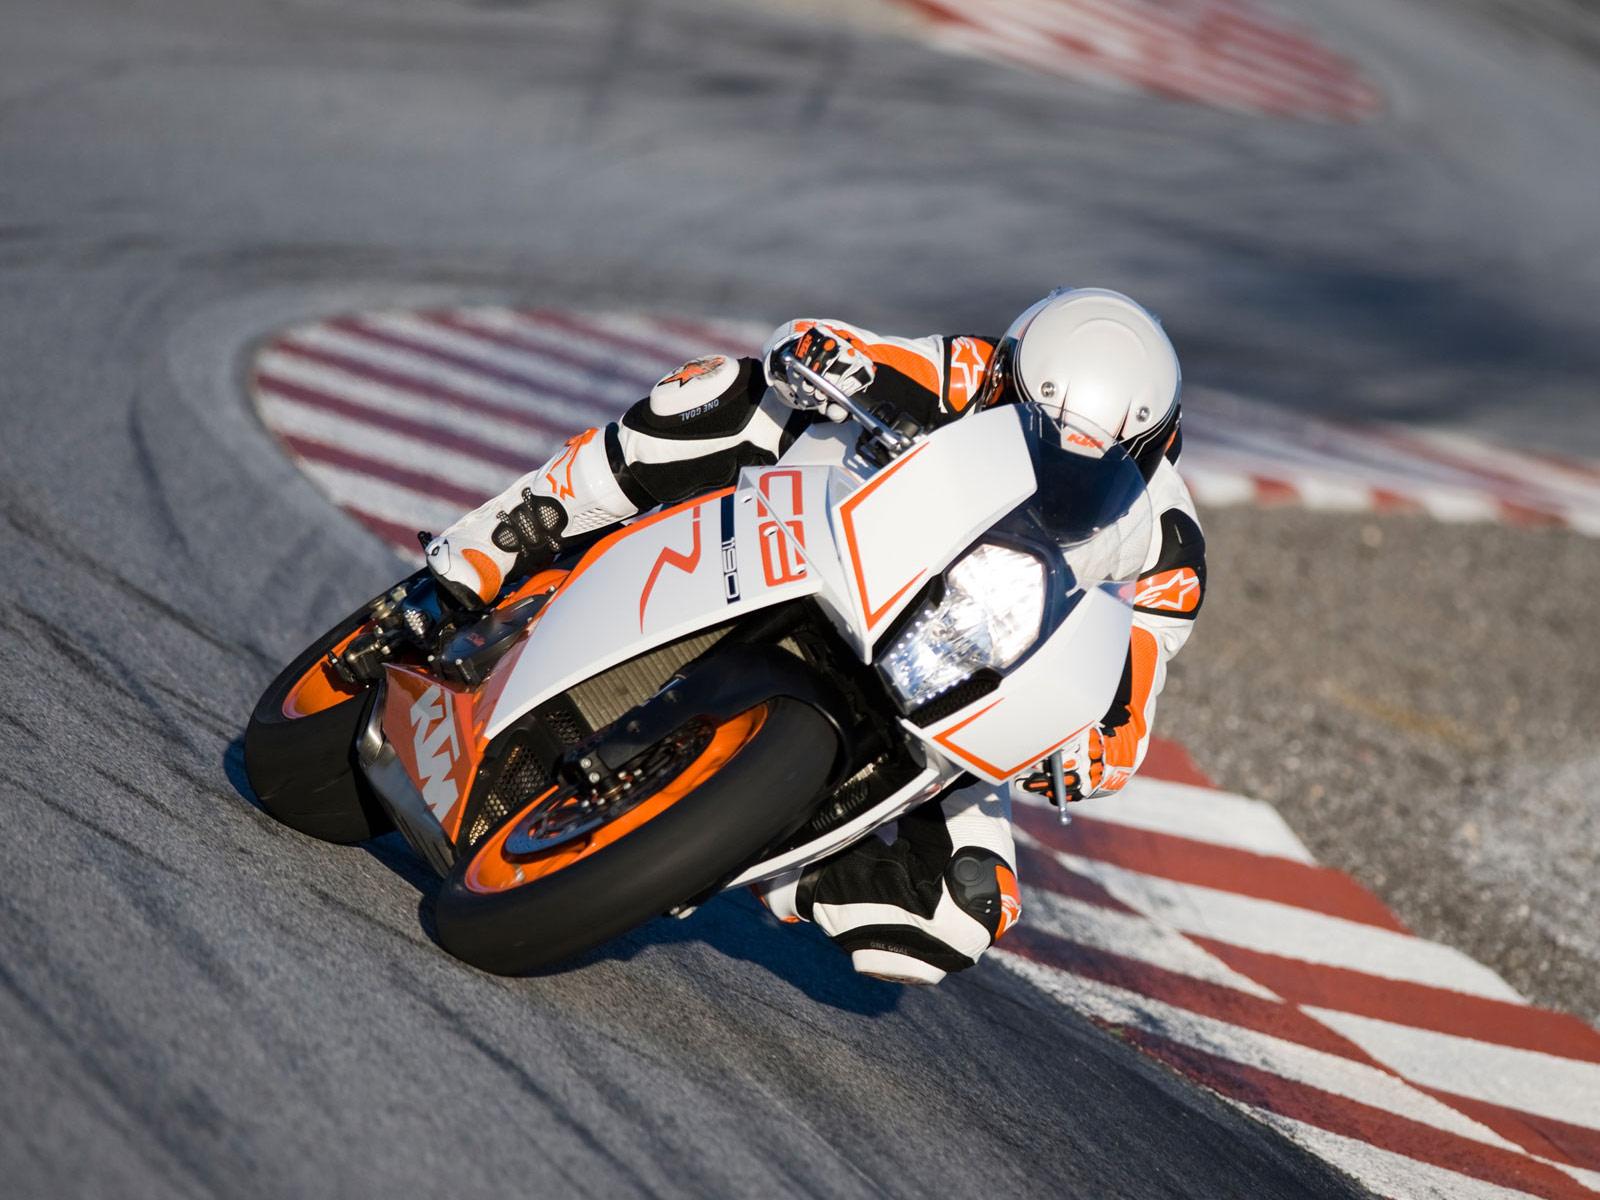 http://4.bp.blogspot.com/-NLdwqR46d88/Tw7ShlHHMHI/AAAAAAAAKG0/Bv65vD8r2mg/s1600/2012-KTM-1190-RC8R_motorcycle-desktop-wallpapers_2.jpg